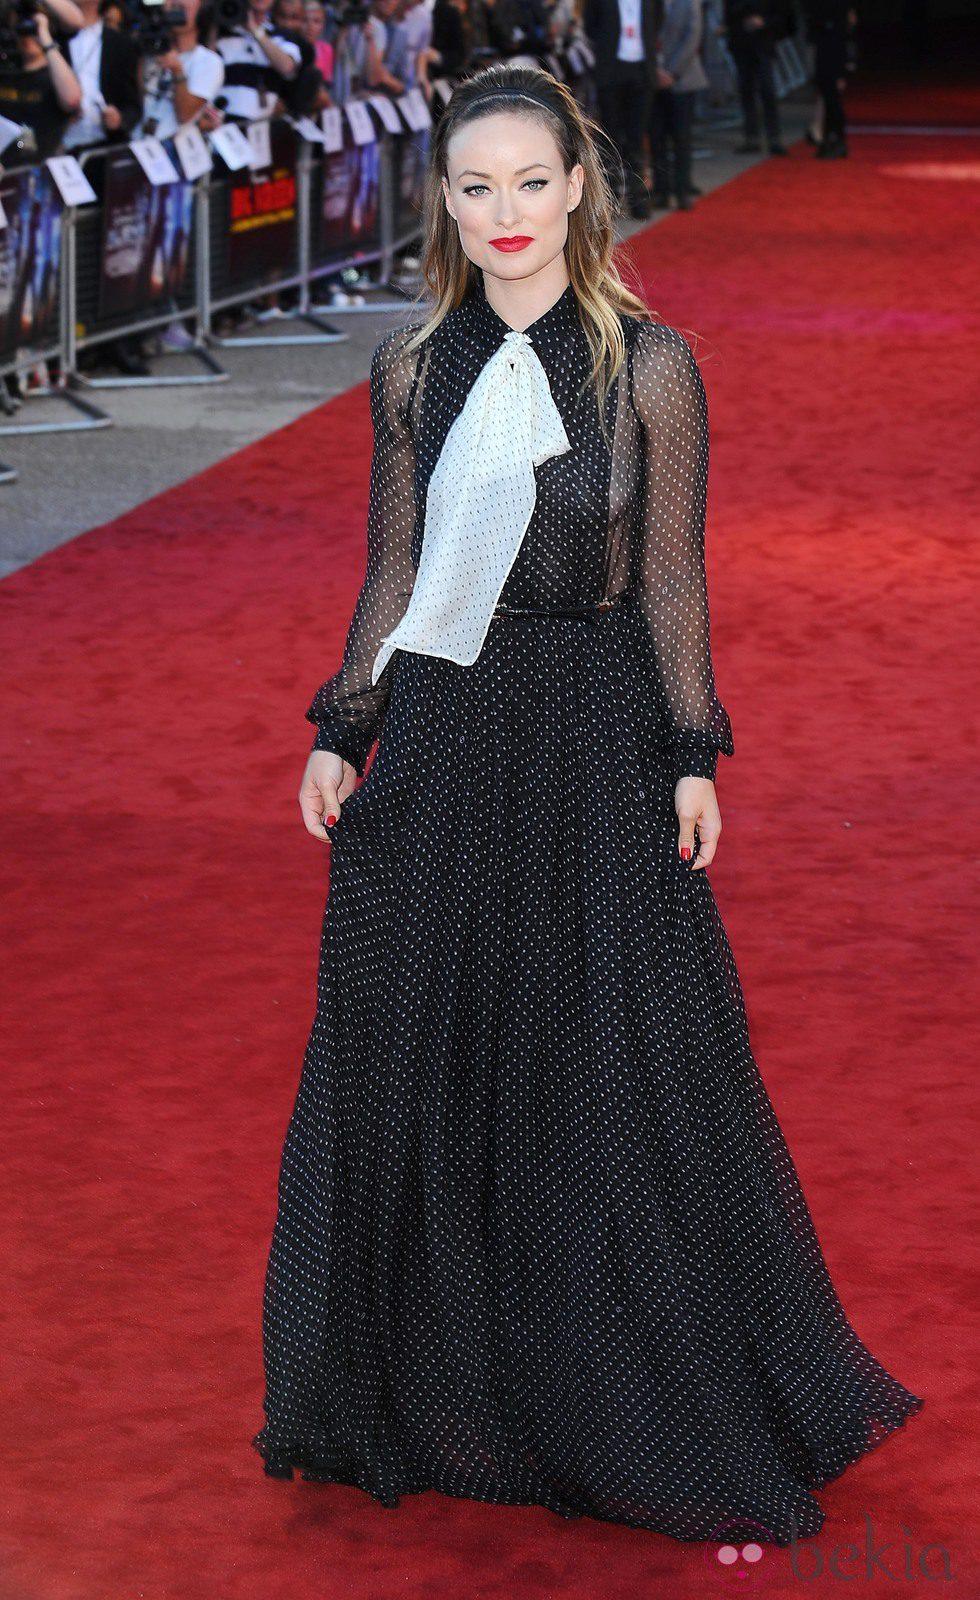 Olivia Wilde de Gucci presentando 'Cowboys and aliens'